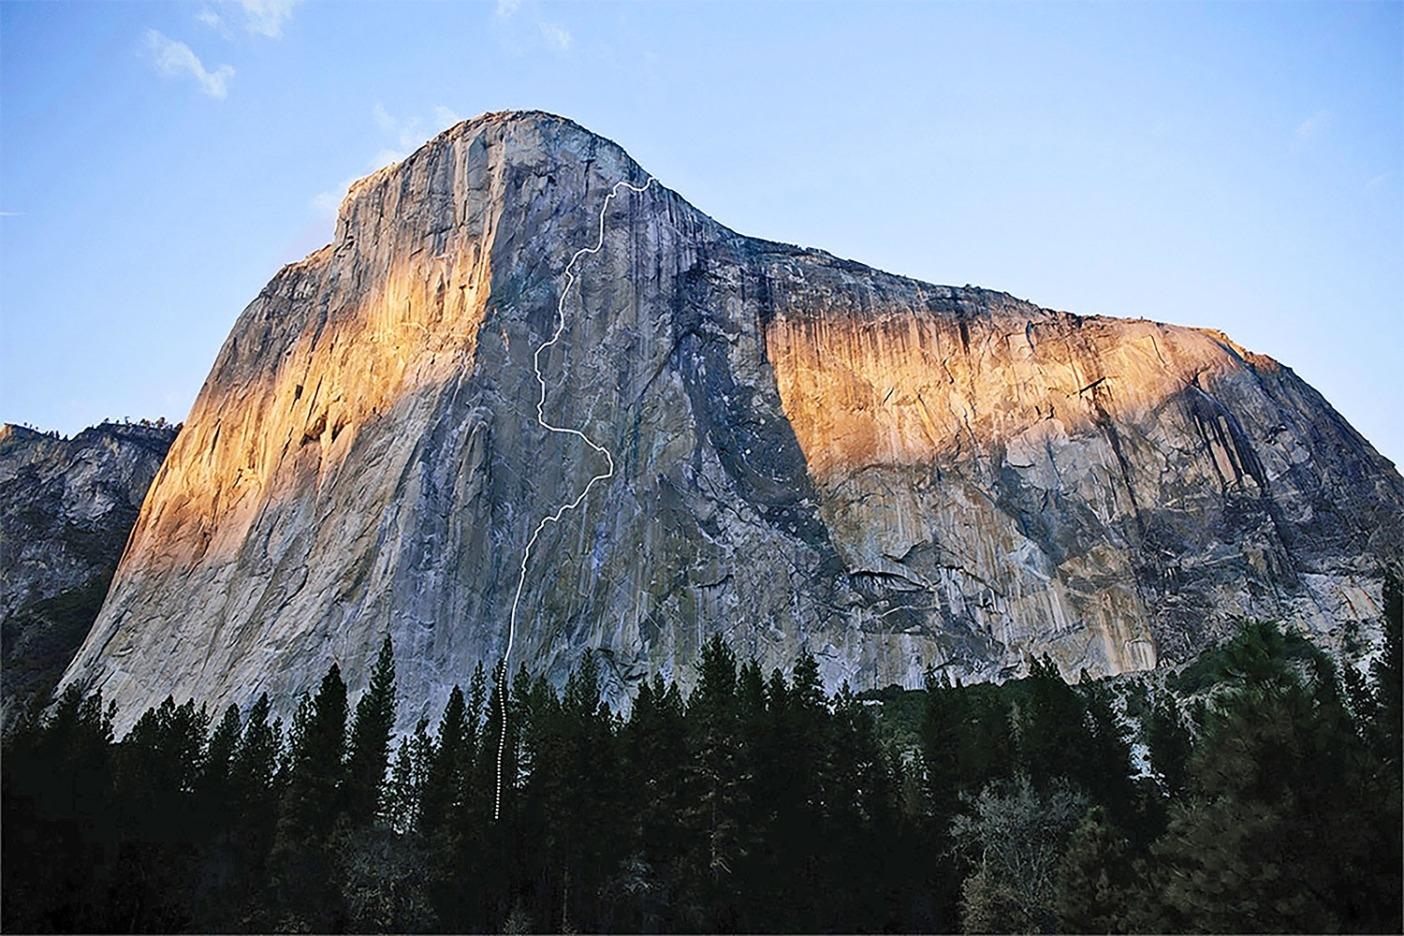 秋のエル・キャピタン。この岩が、クインの人生を二度変えることになる。Photo: Nate Ptacek